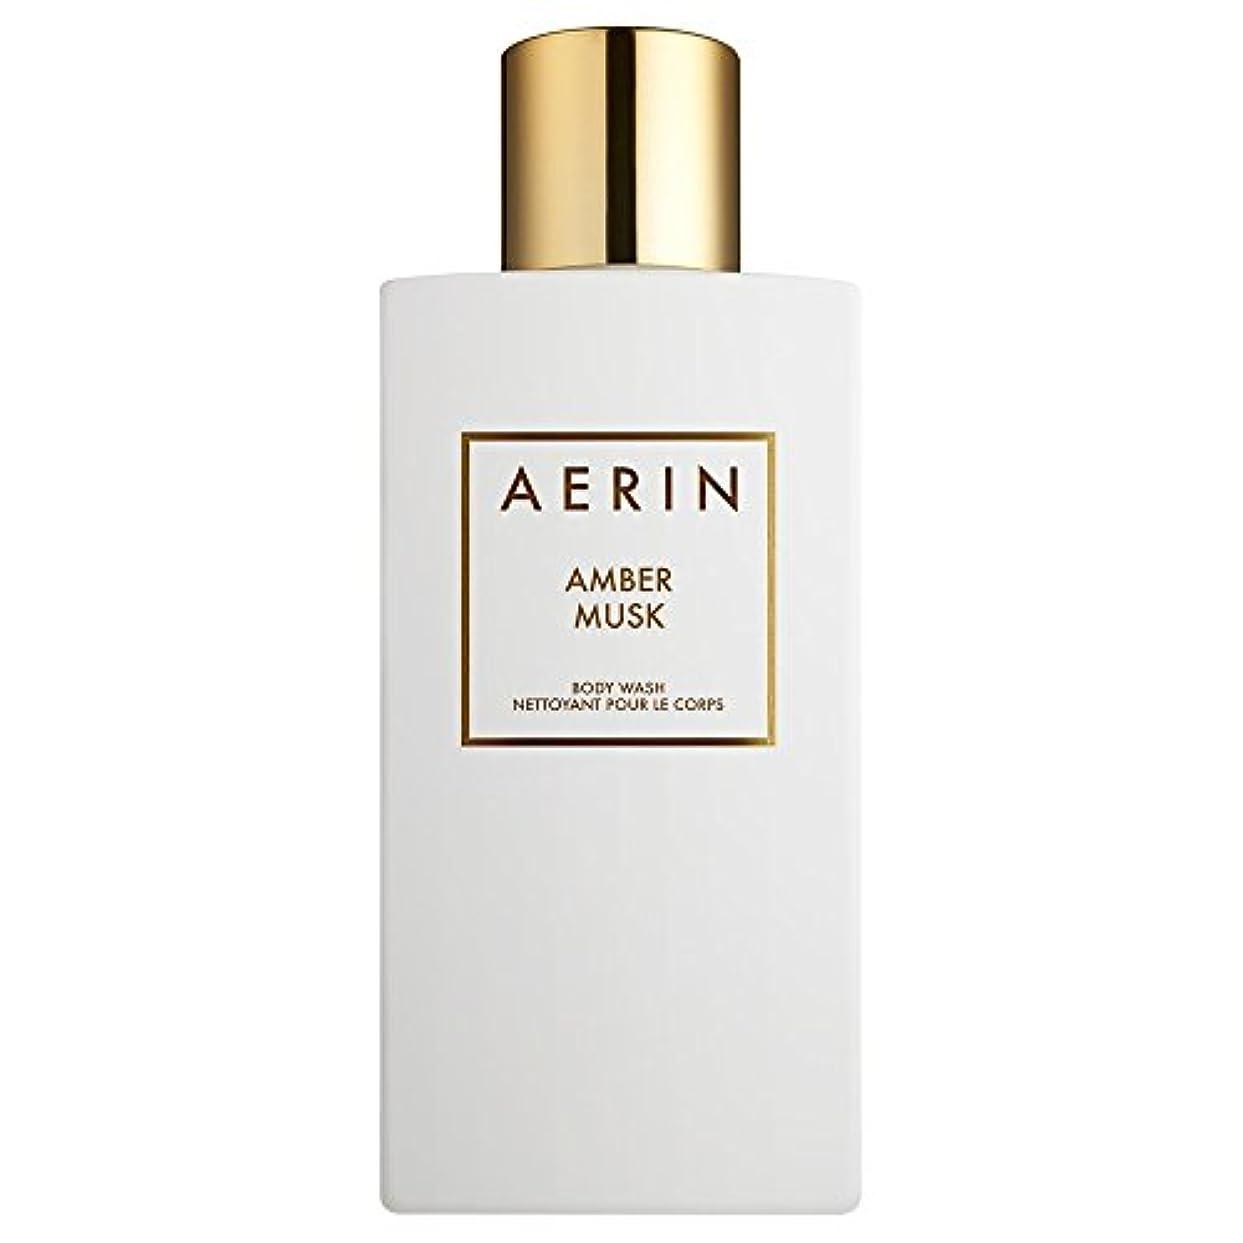 約ごめんなさいケープAerinアンバームスクボディウォッシュ225ミリリットル (AERIN) (x6) - AERIN Amber Musk Bodywash 225ml (Pack of 6) [並行輸入品]